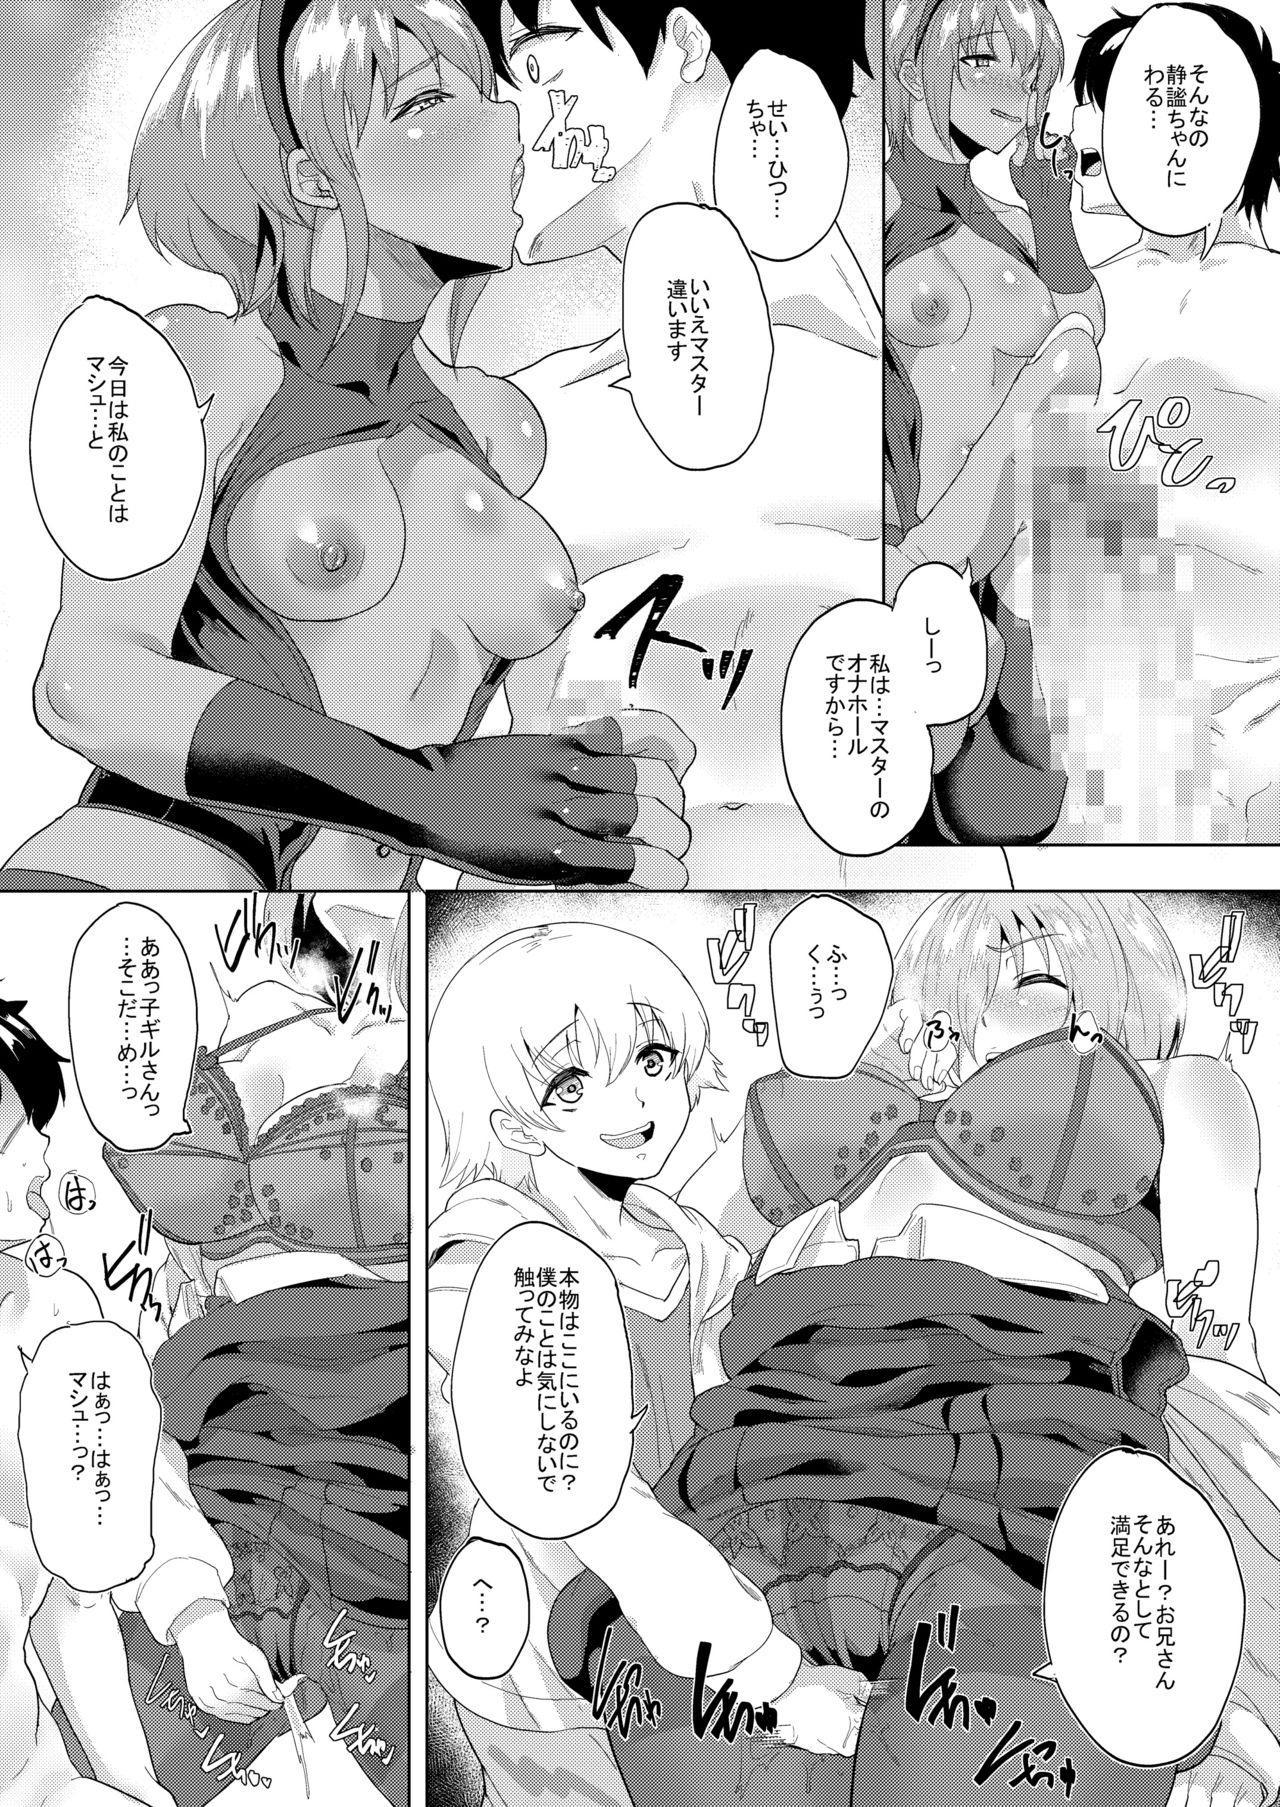 Kawatta Kimi o Mitsumete Boku wa Kawaranai Kimi to 10